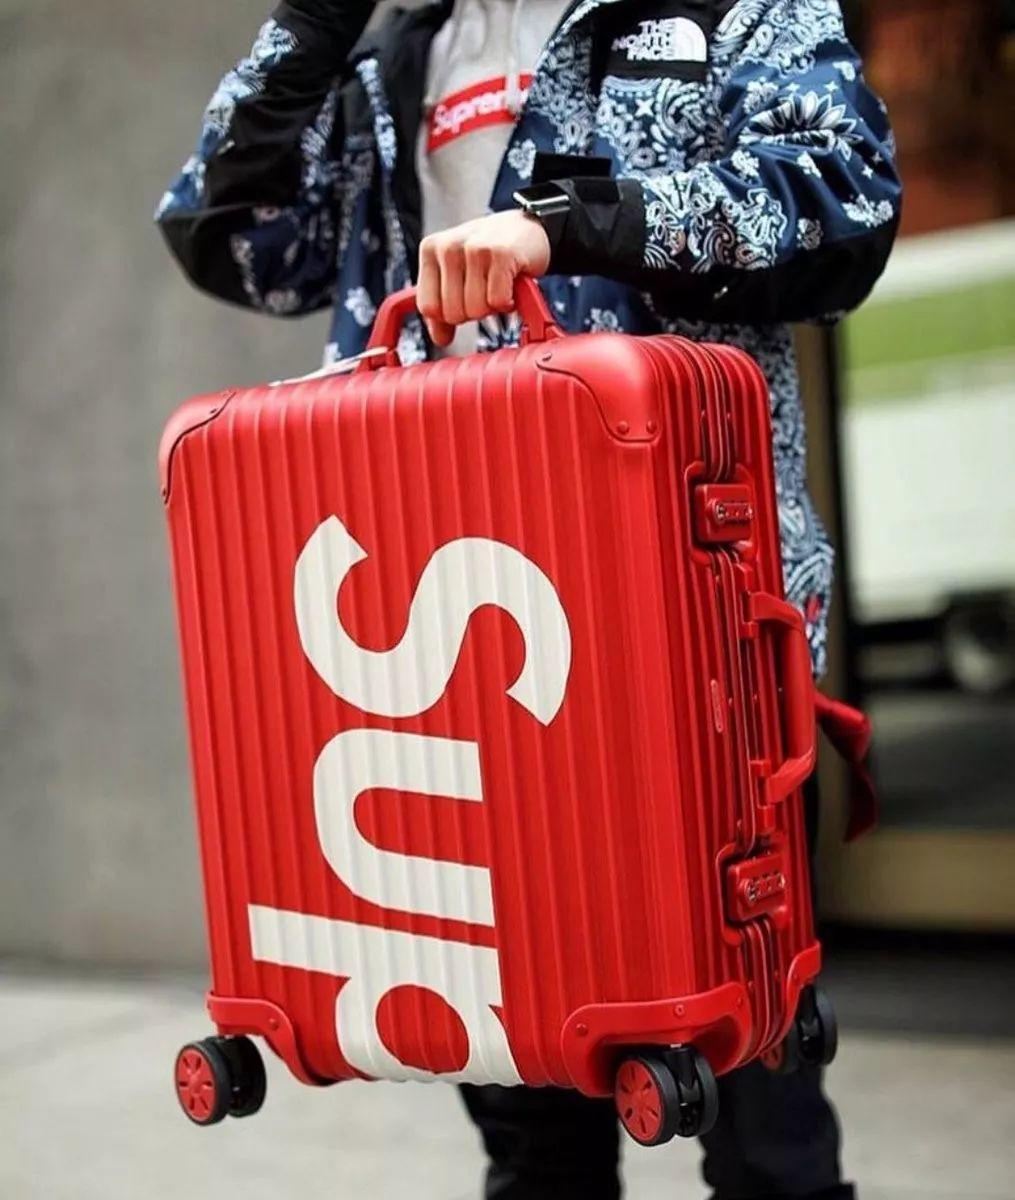 隐藏款曝光:最快18秒售罄,Supreme联名行李箱抢到了?(攻略)